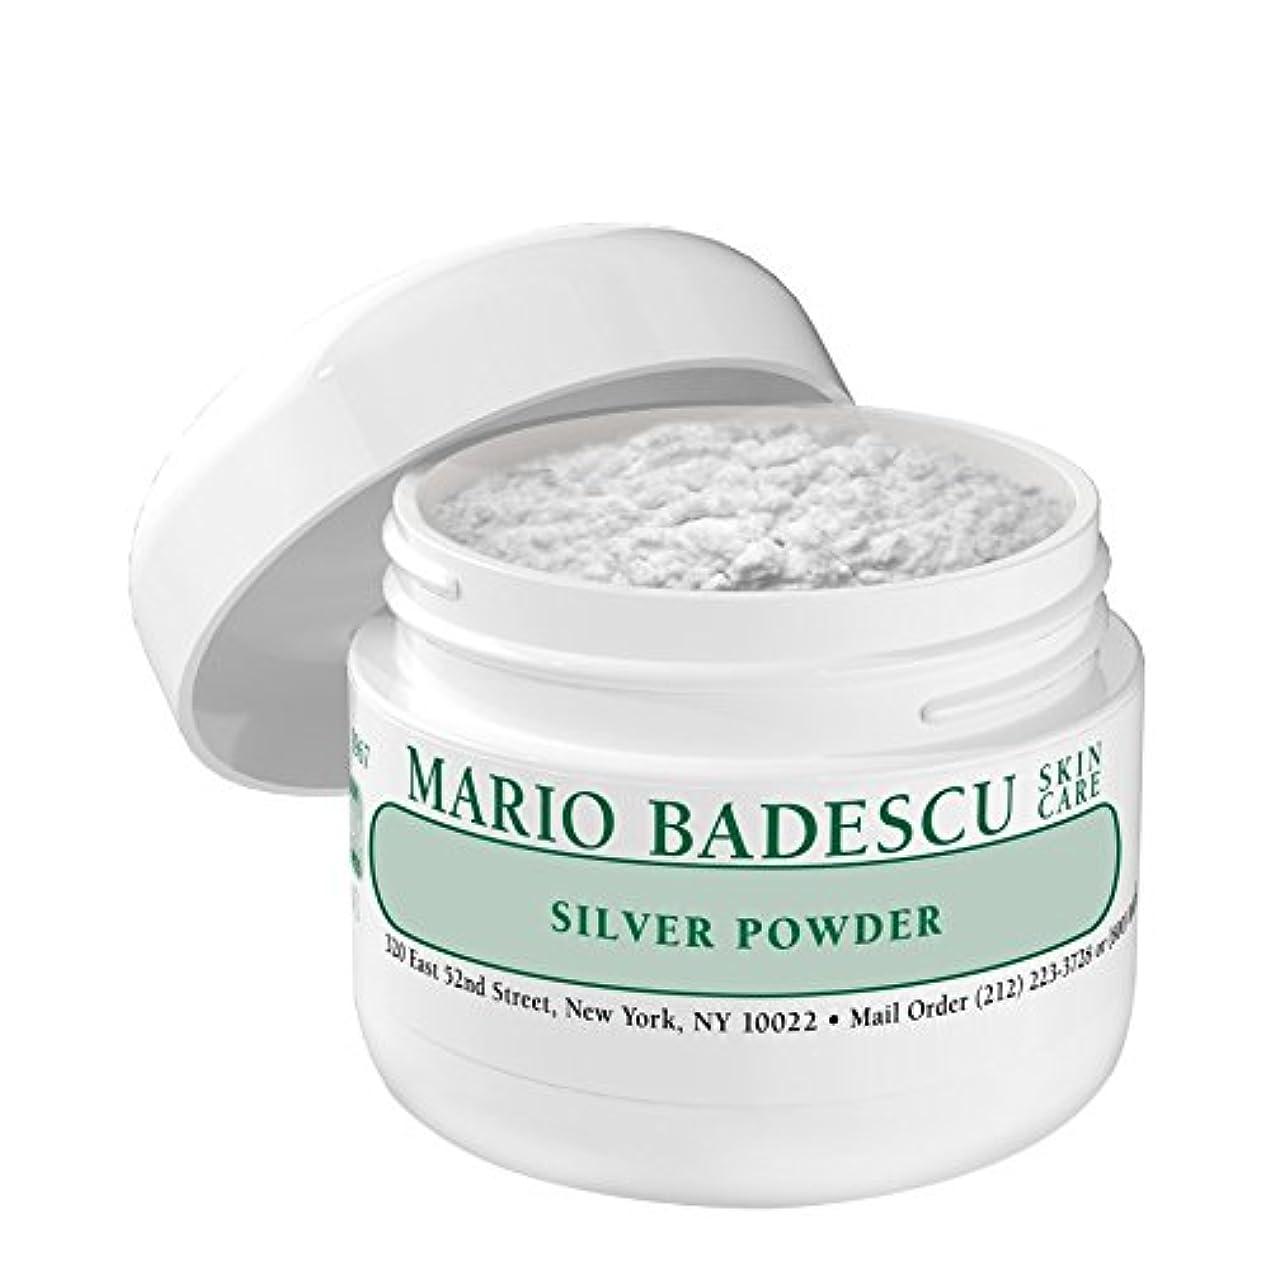 リール尾達成マリオ?バデスキュー銀粉末 x2 - Mario Badescu Silver Powder (Pack of 2) [並行輸入品]